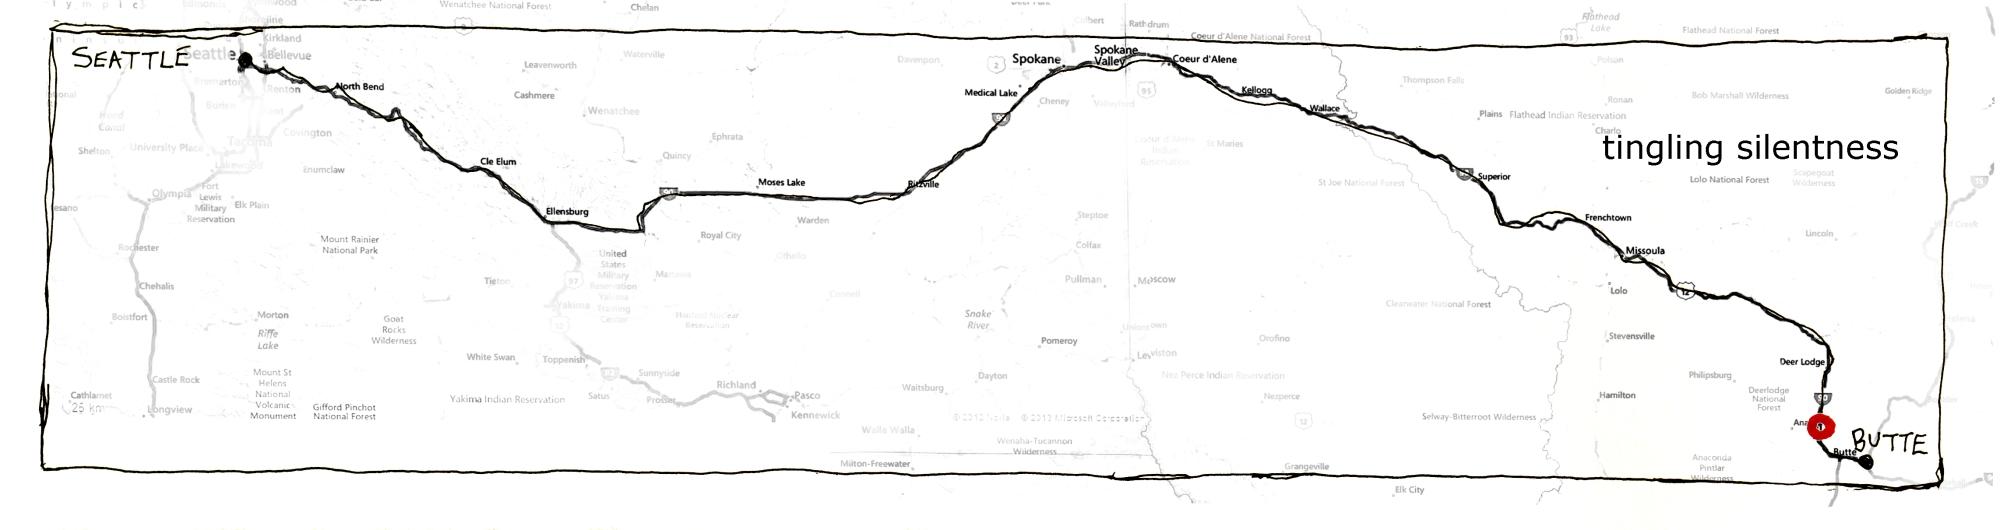 560 map